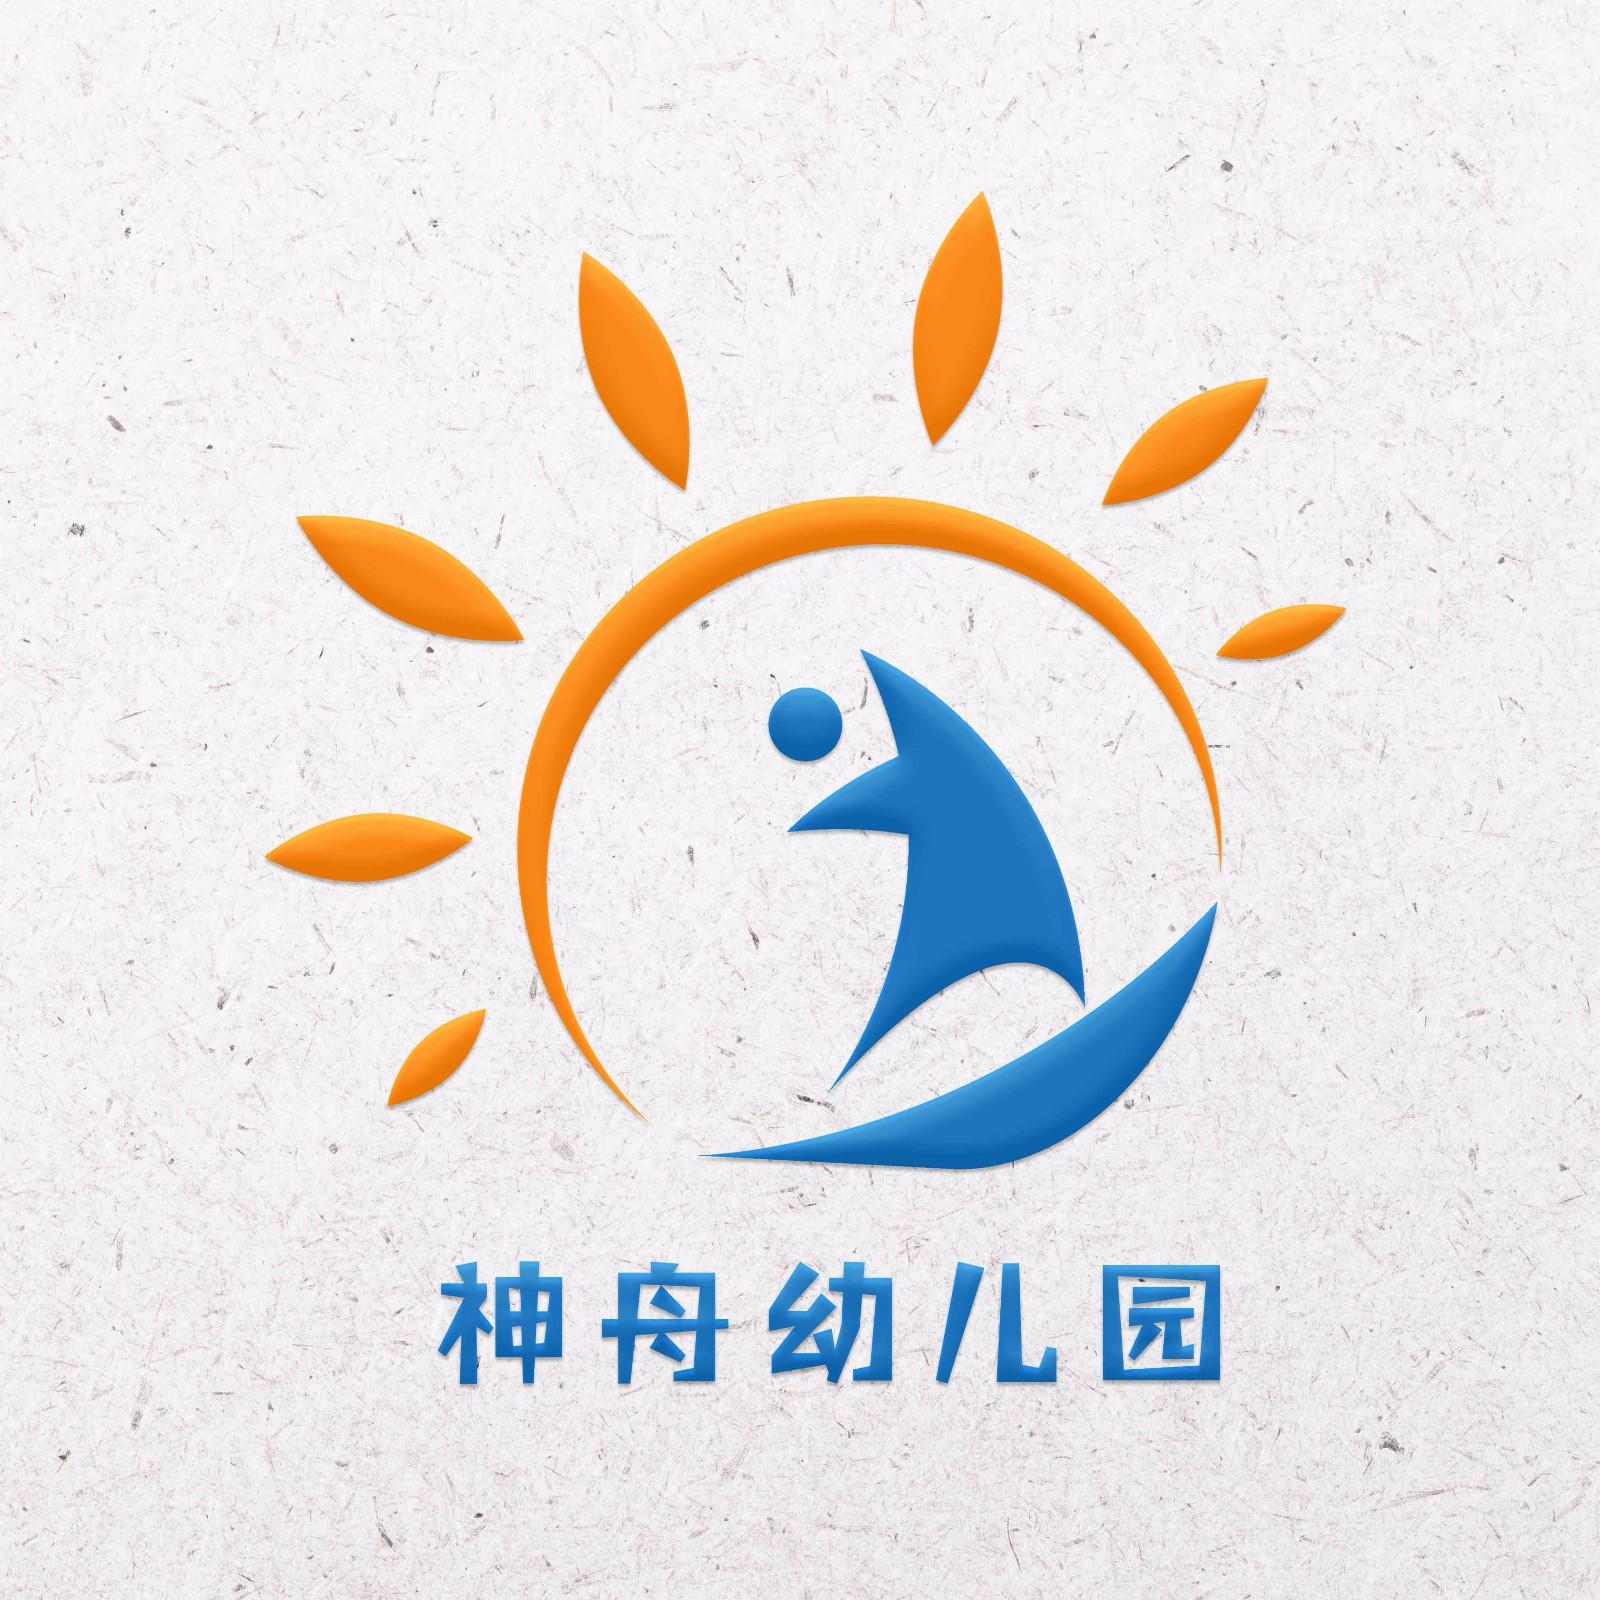 神舟幼儿园LOGO标志设计-logo设计,设计未来科幻航母设计图图片